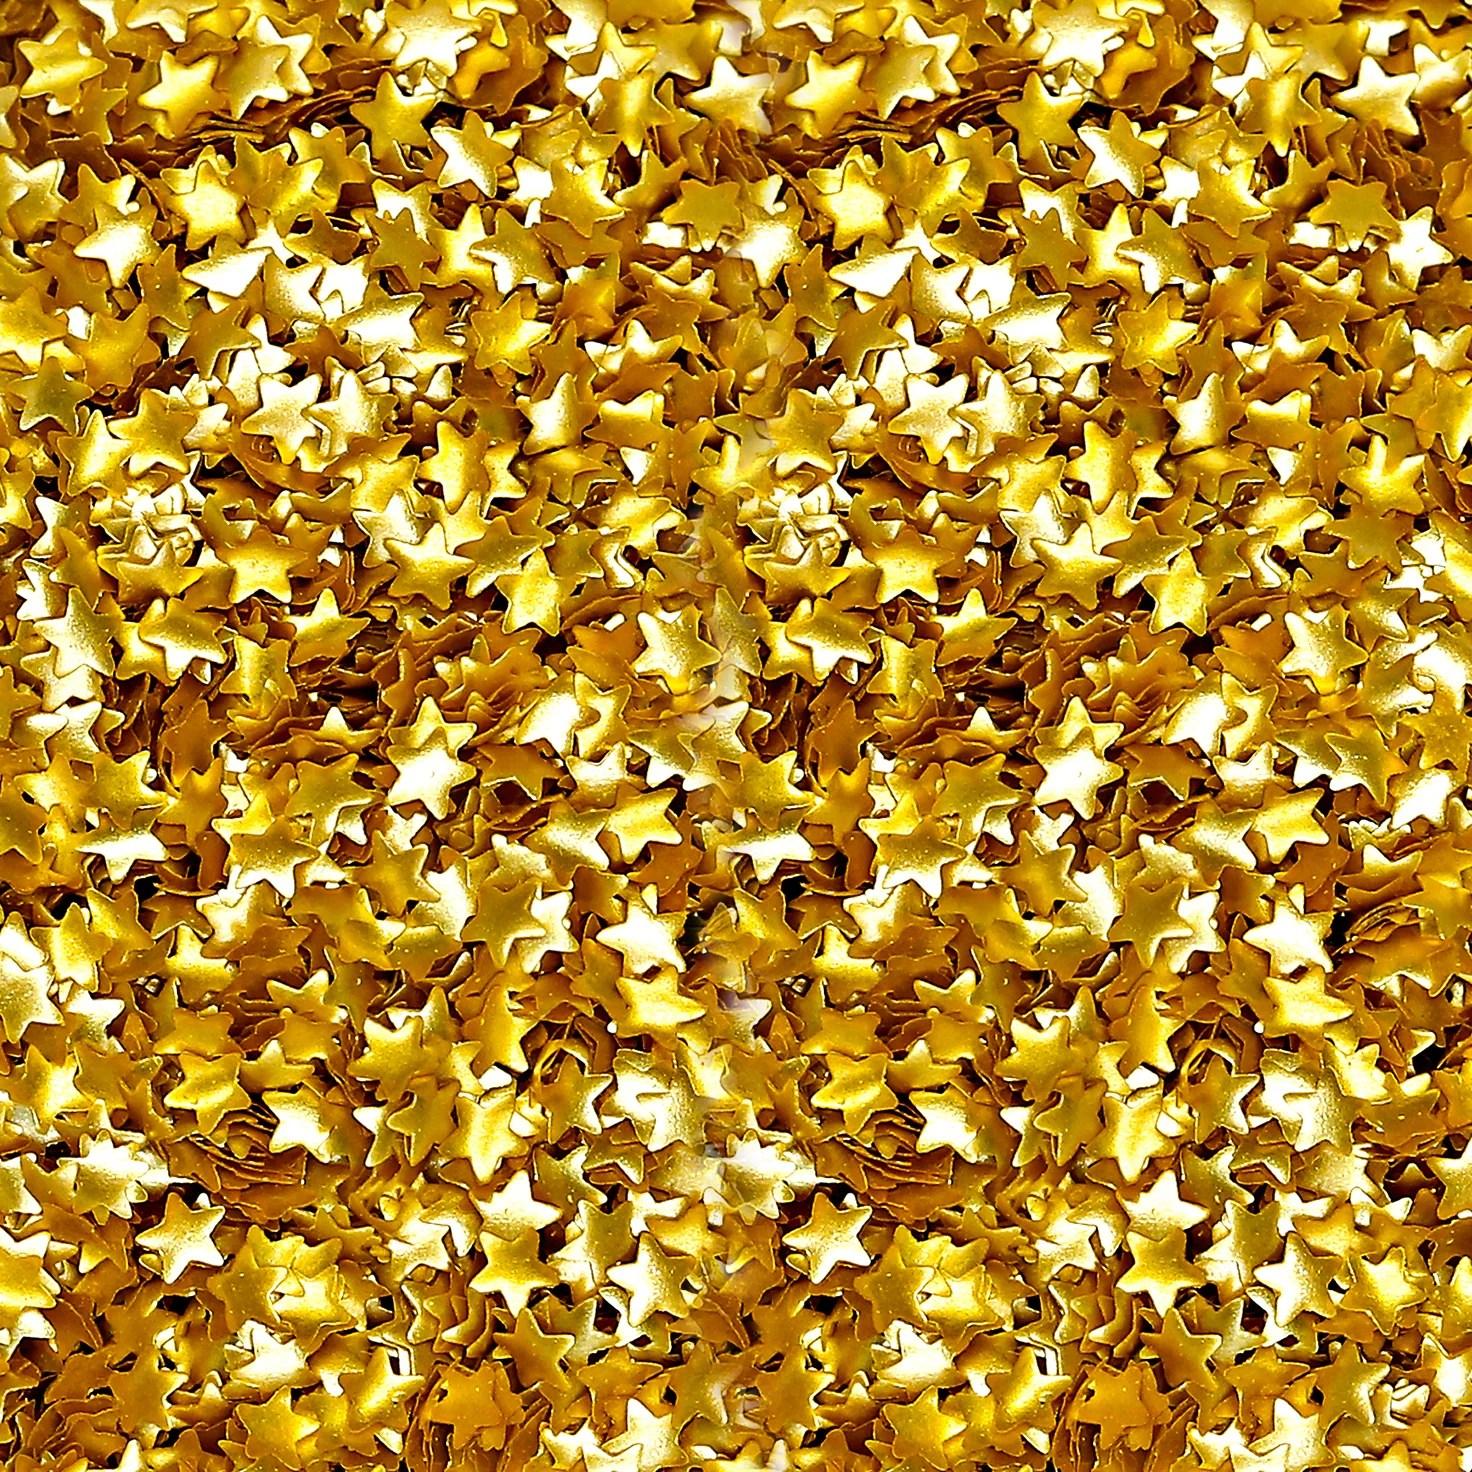 Bakery Wallpaper Hd Bakery Bling Metallic Gold Stars Glitter Littlewaisted